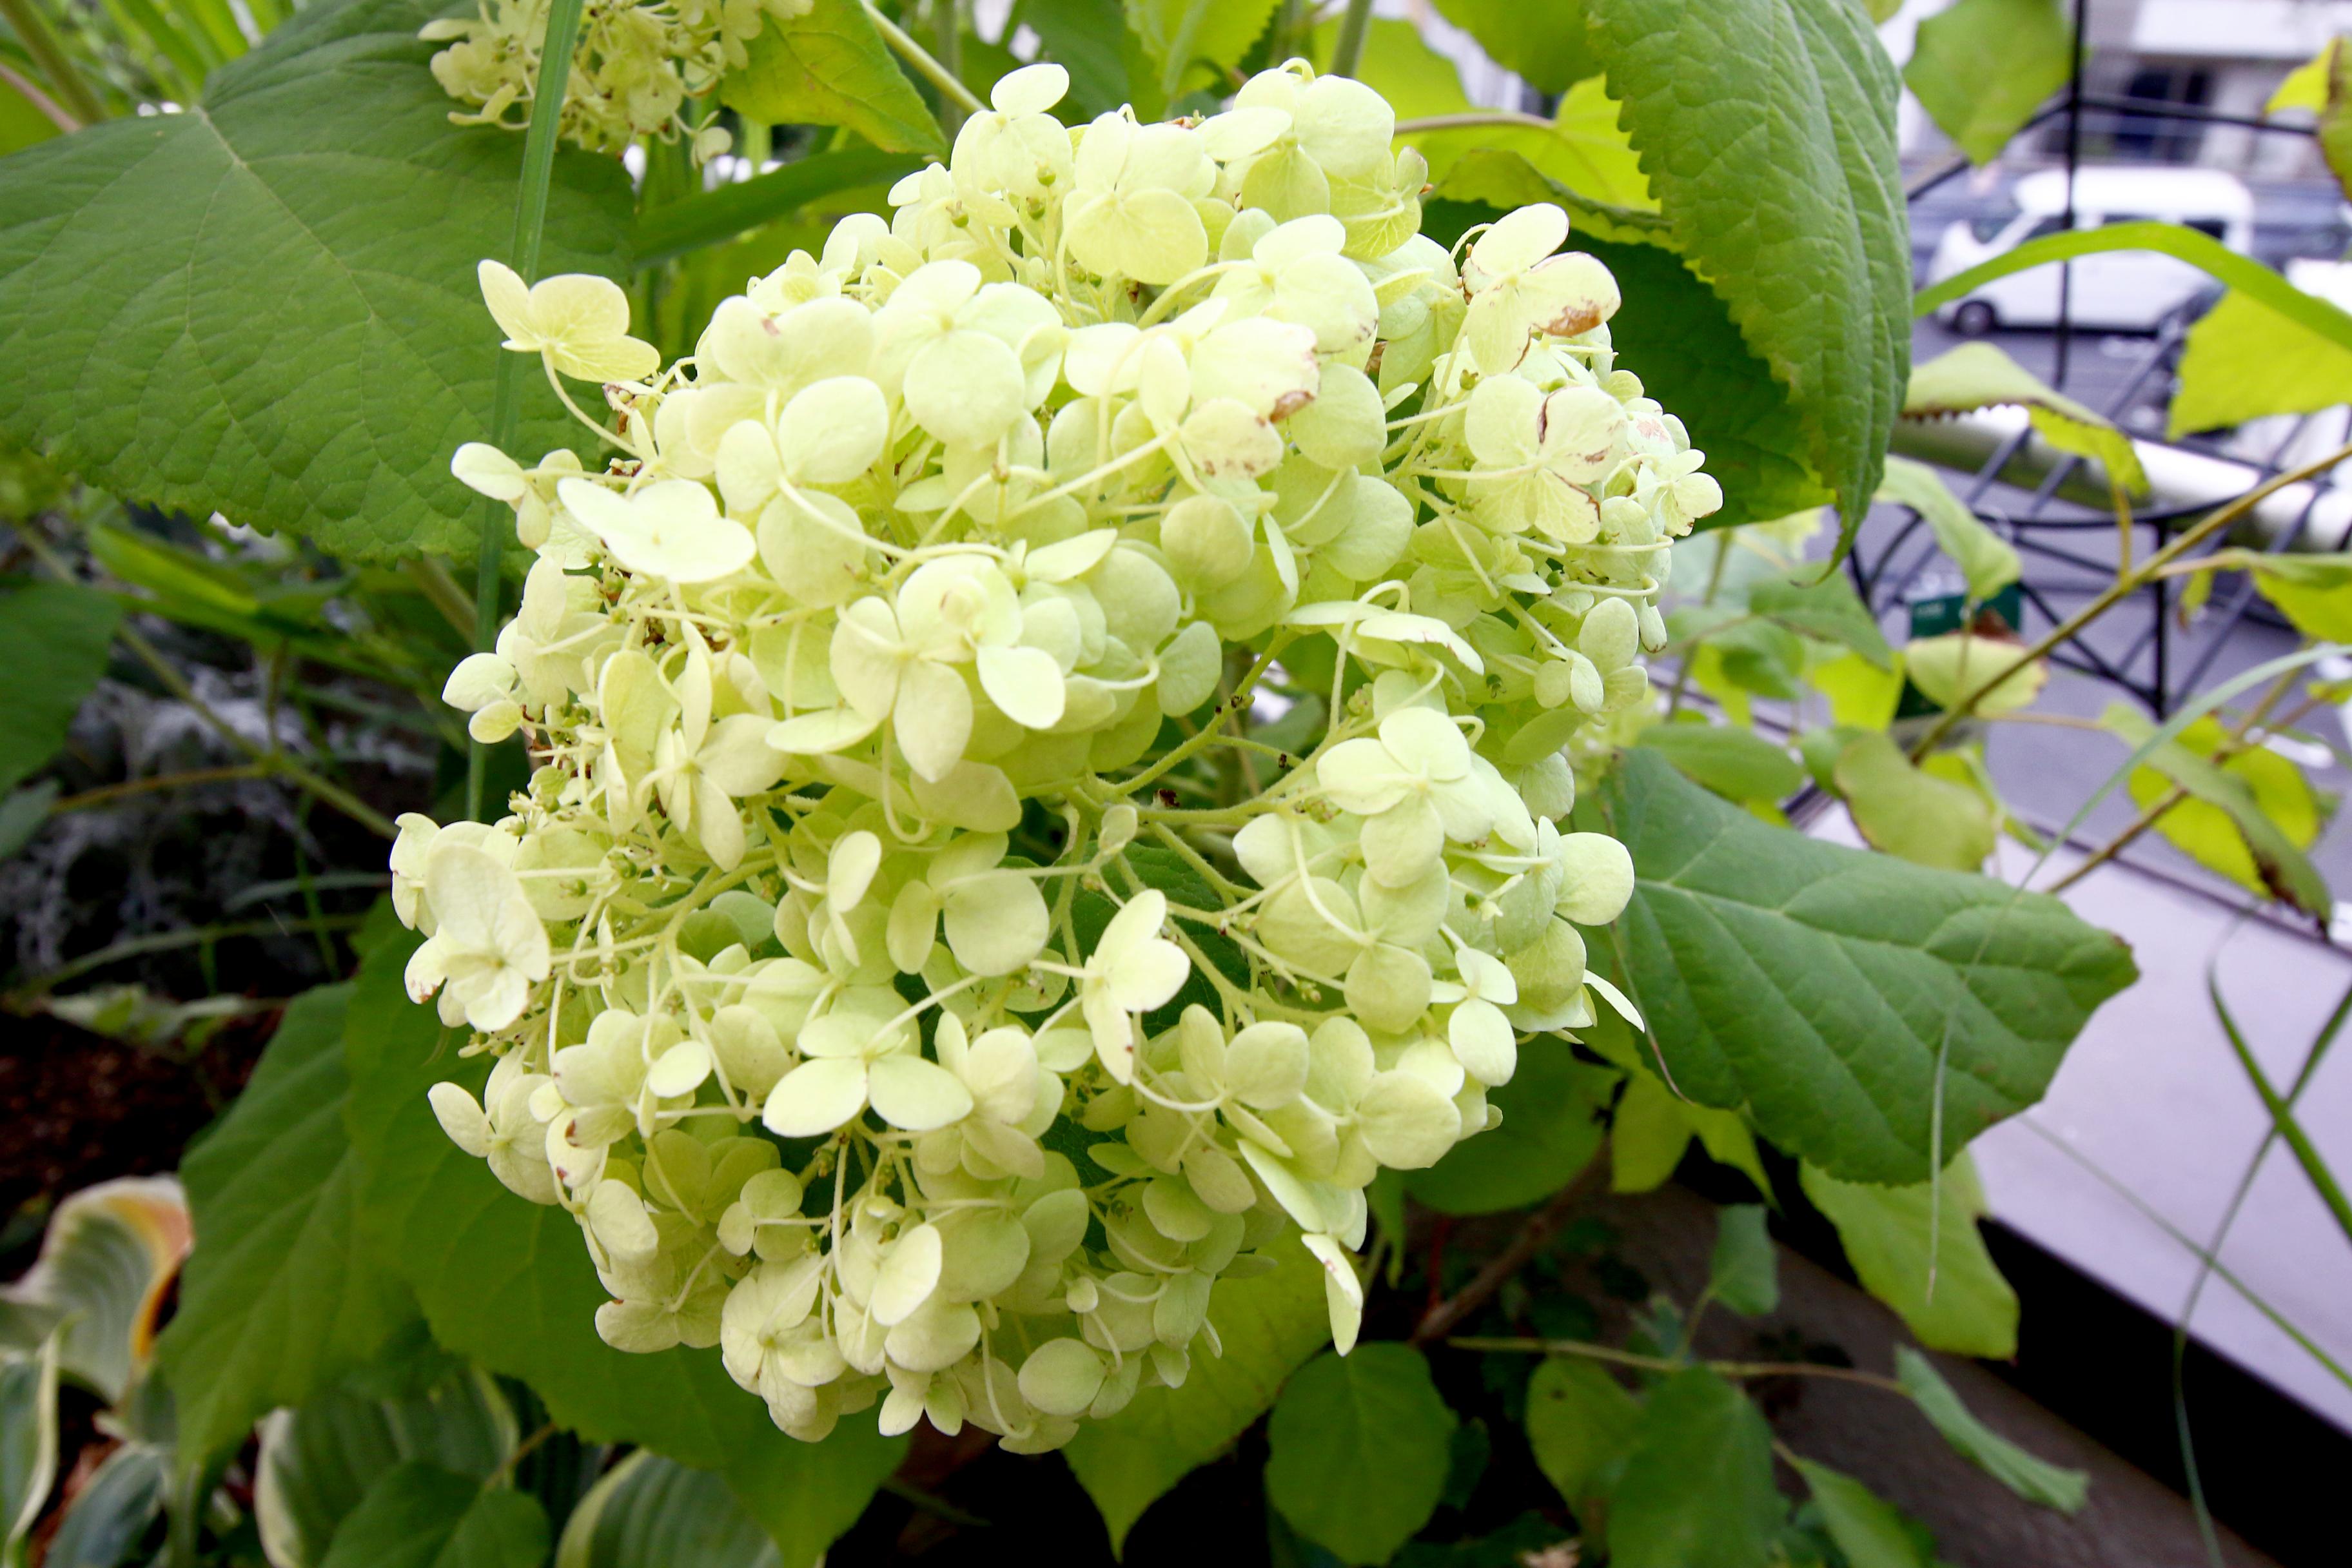 梅雨といえばこれ!というほど有名で人気なアジサイ。意外だと思う方も多いのでは?アジサイには耐陰性があり、初心者でもとっても育てやすい植物です。